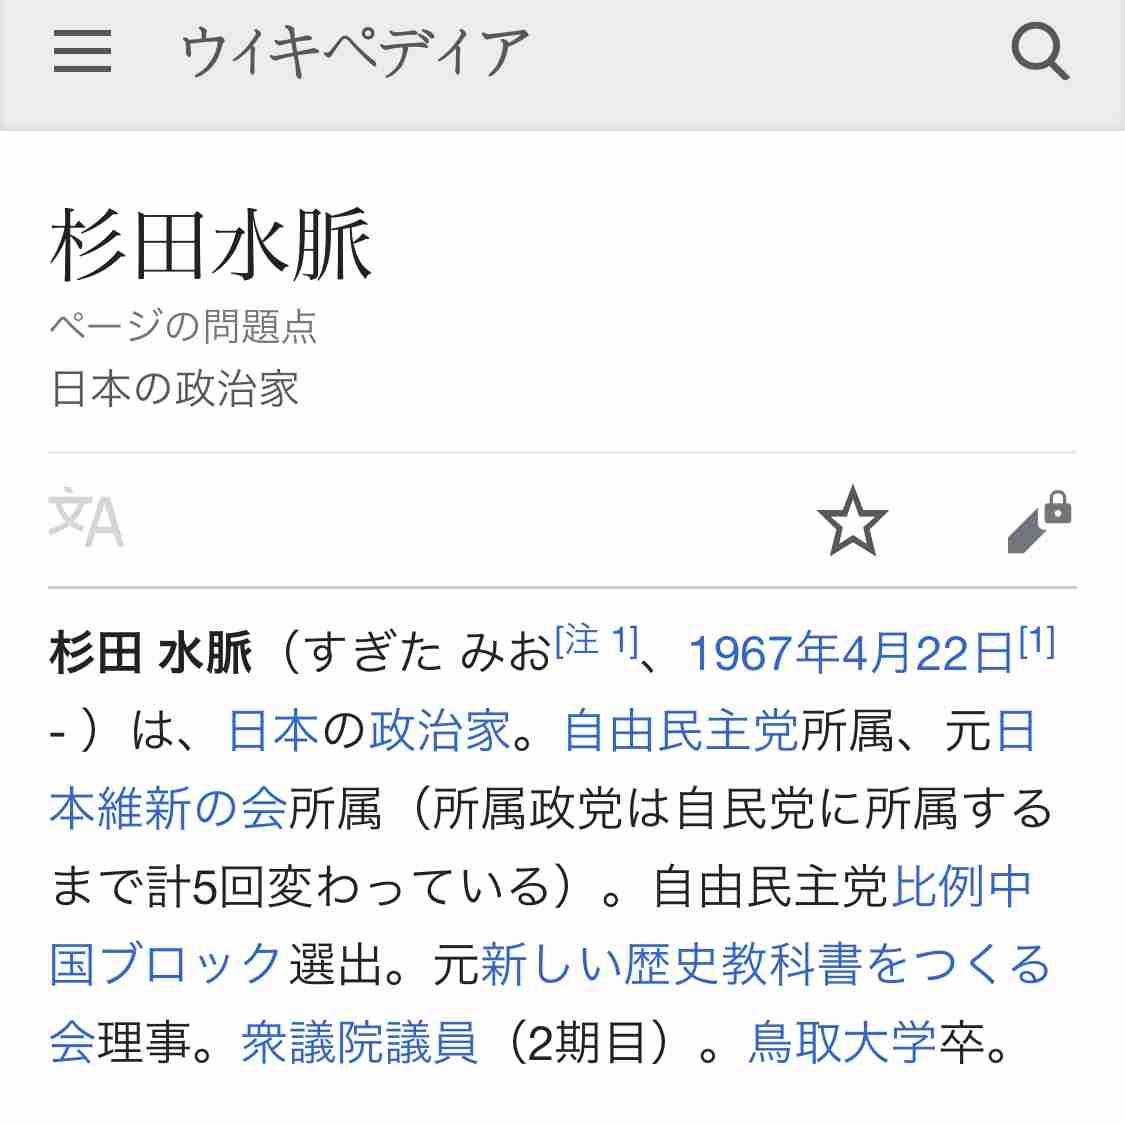 杉田水脈氏問題、海外でも報道「自民党内ではほとんど無名だが」…